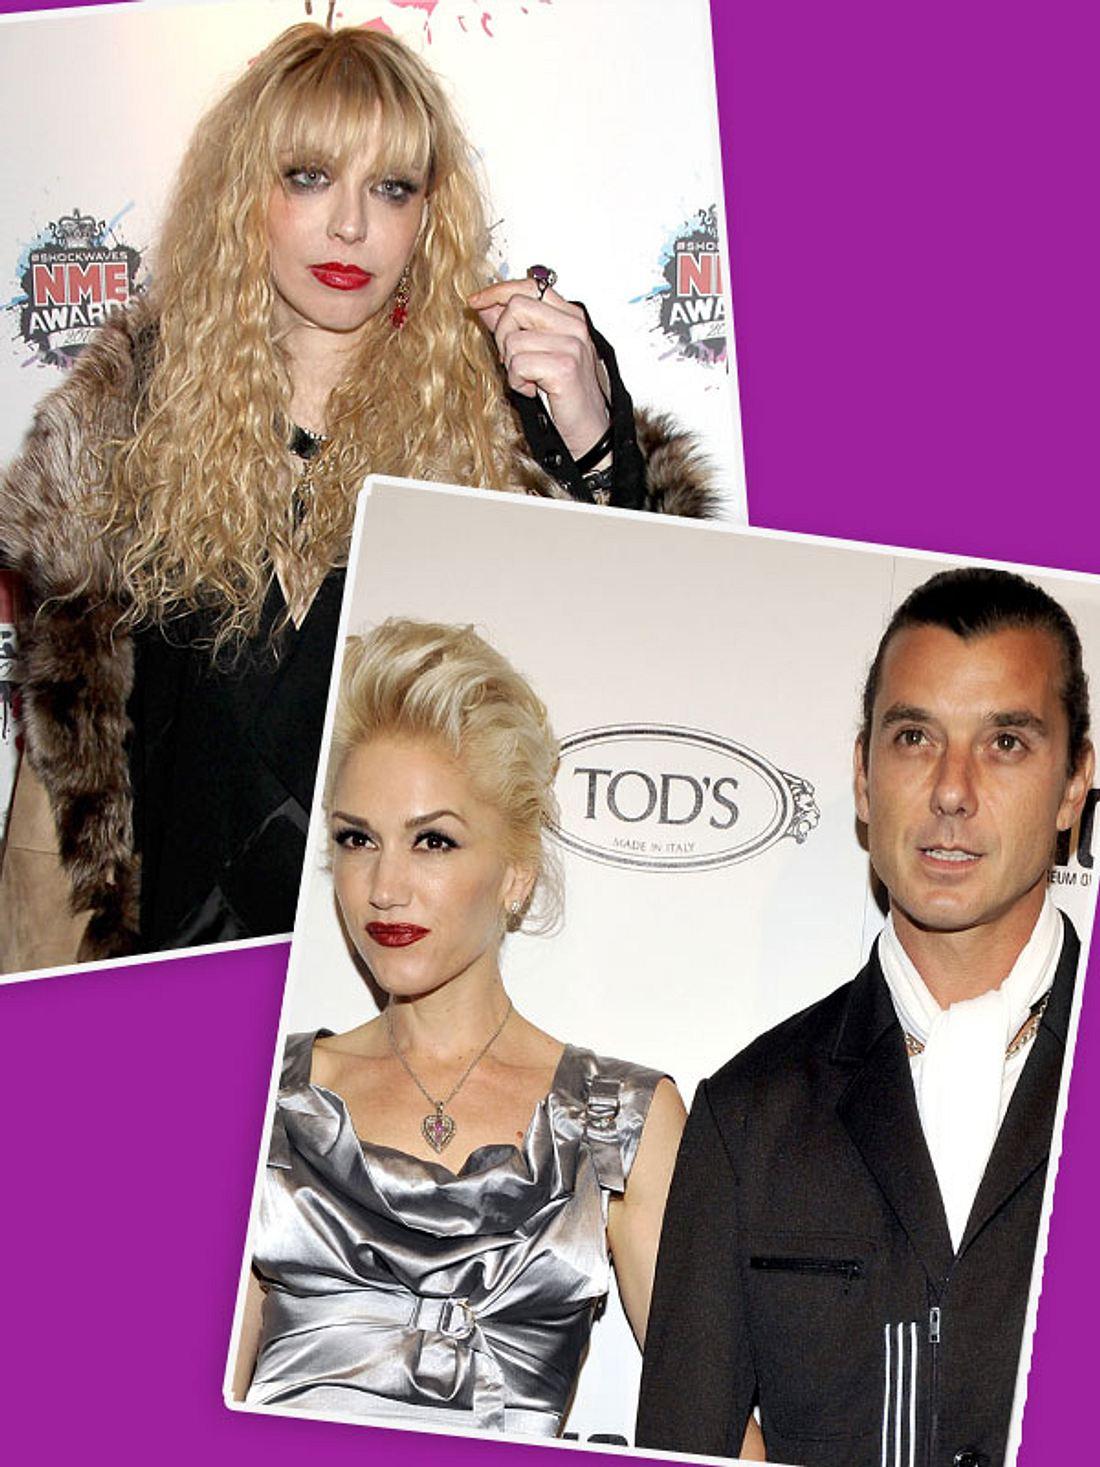 Hatte Courtney Love Sex mit Gwen Stefanis Mann?